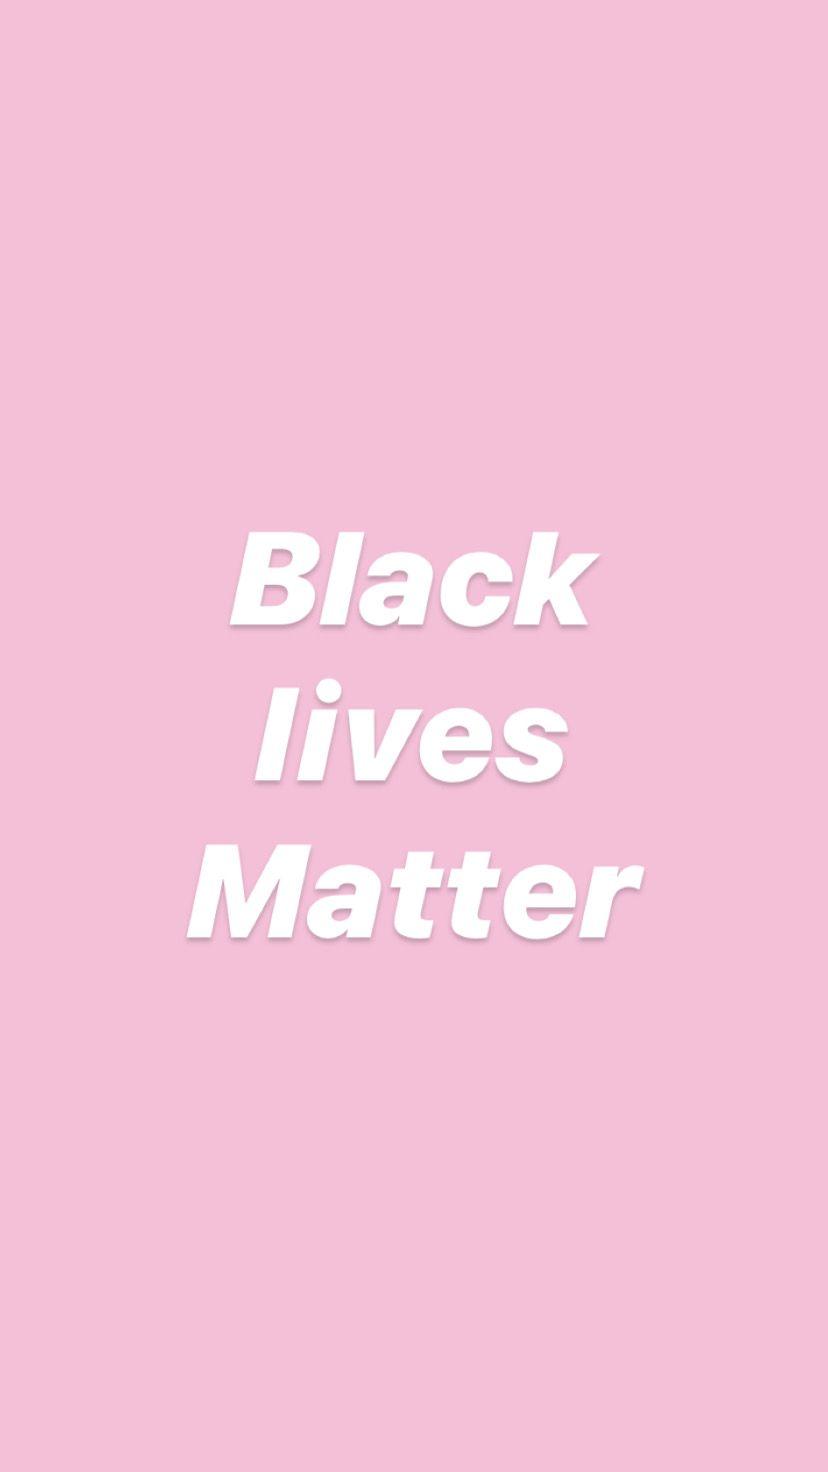 Black Lives Matter Wallpaper Black Lives Matter Art Black Aesthetic Wallpaper Black Lives Matter